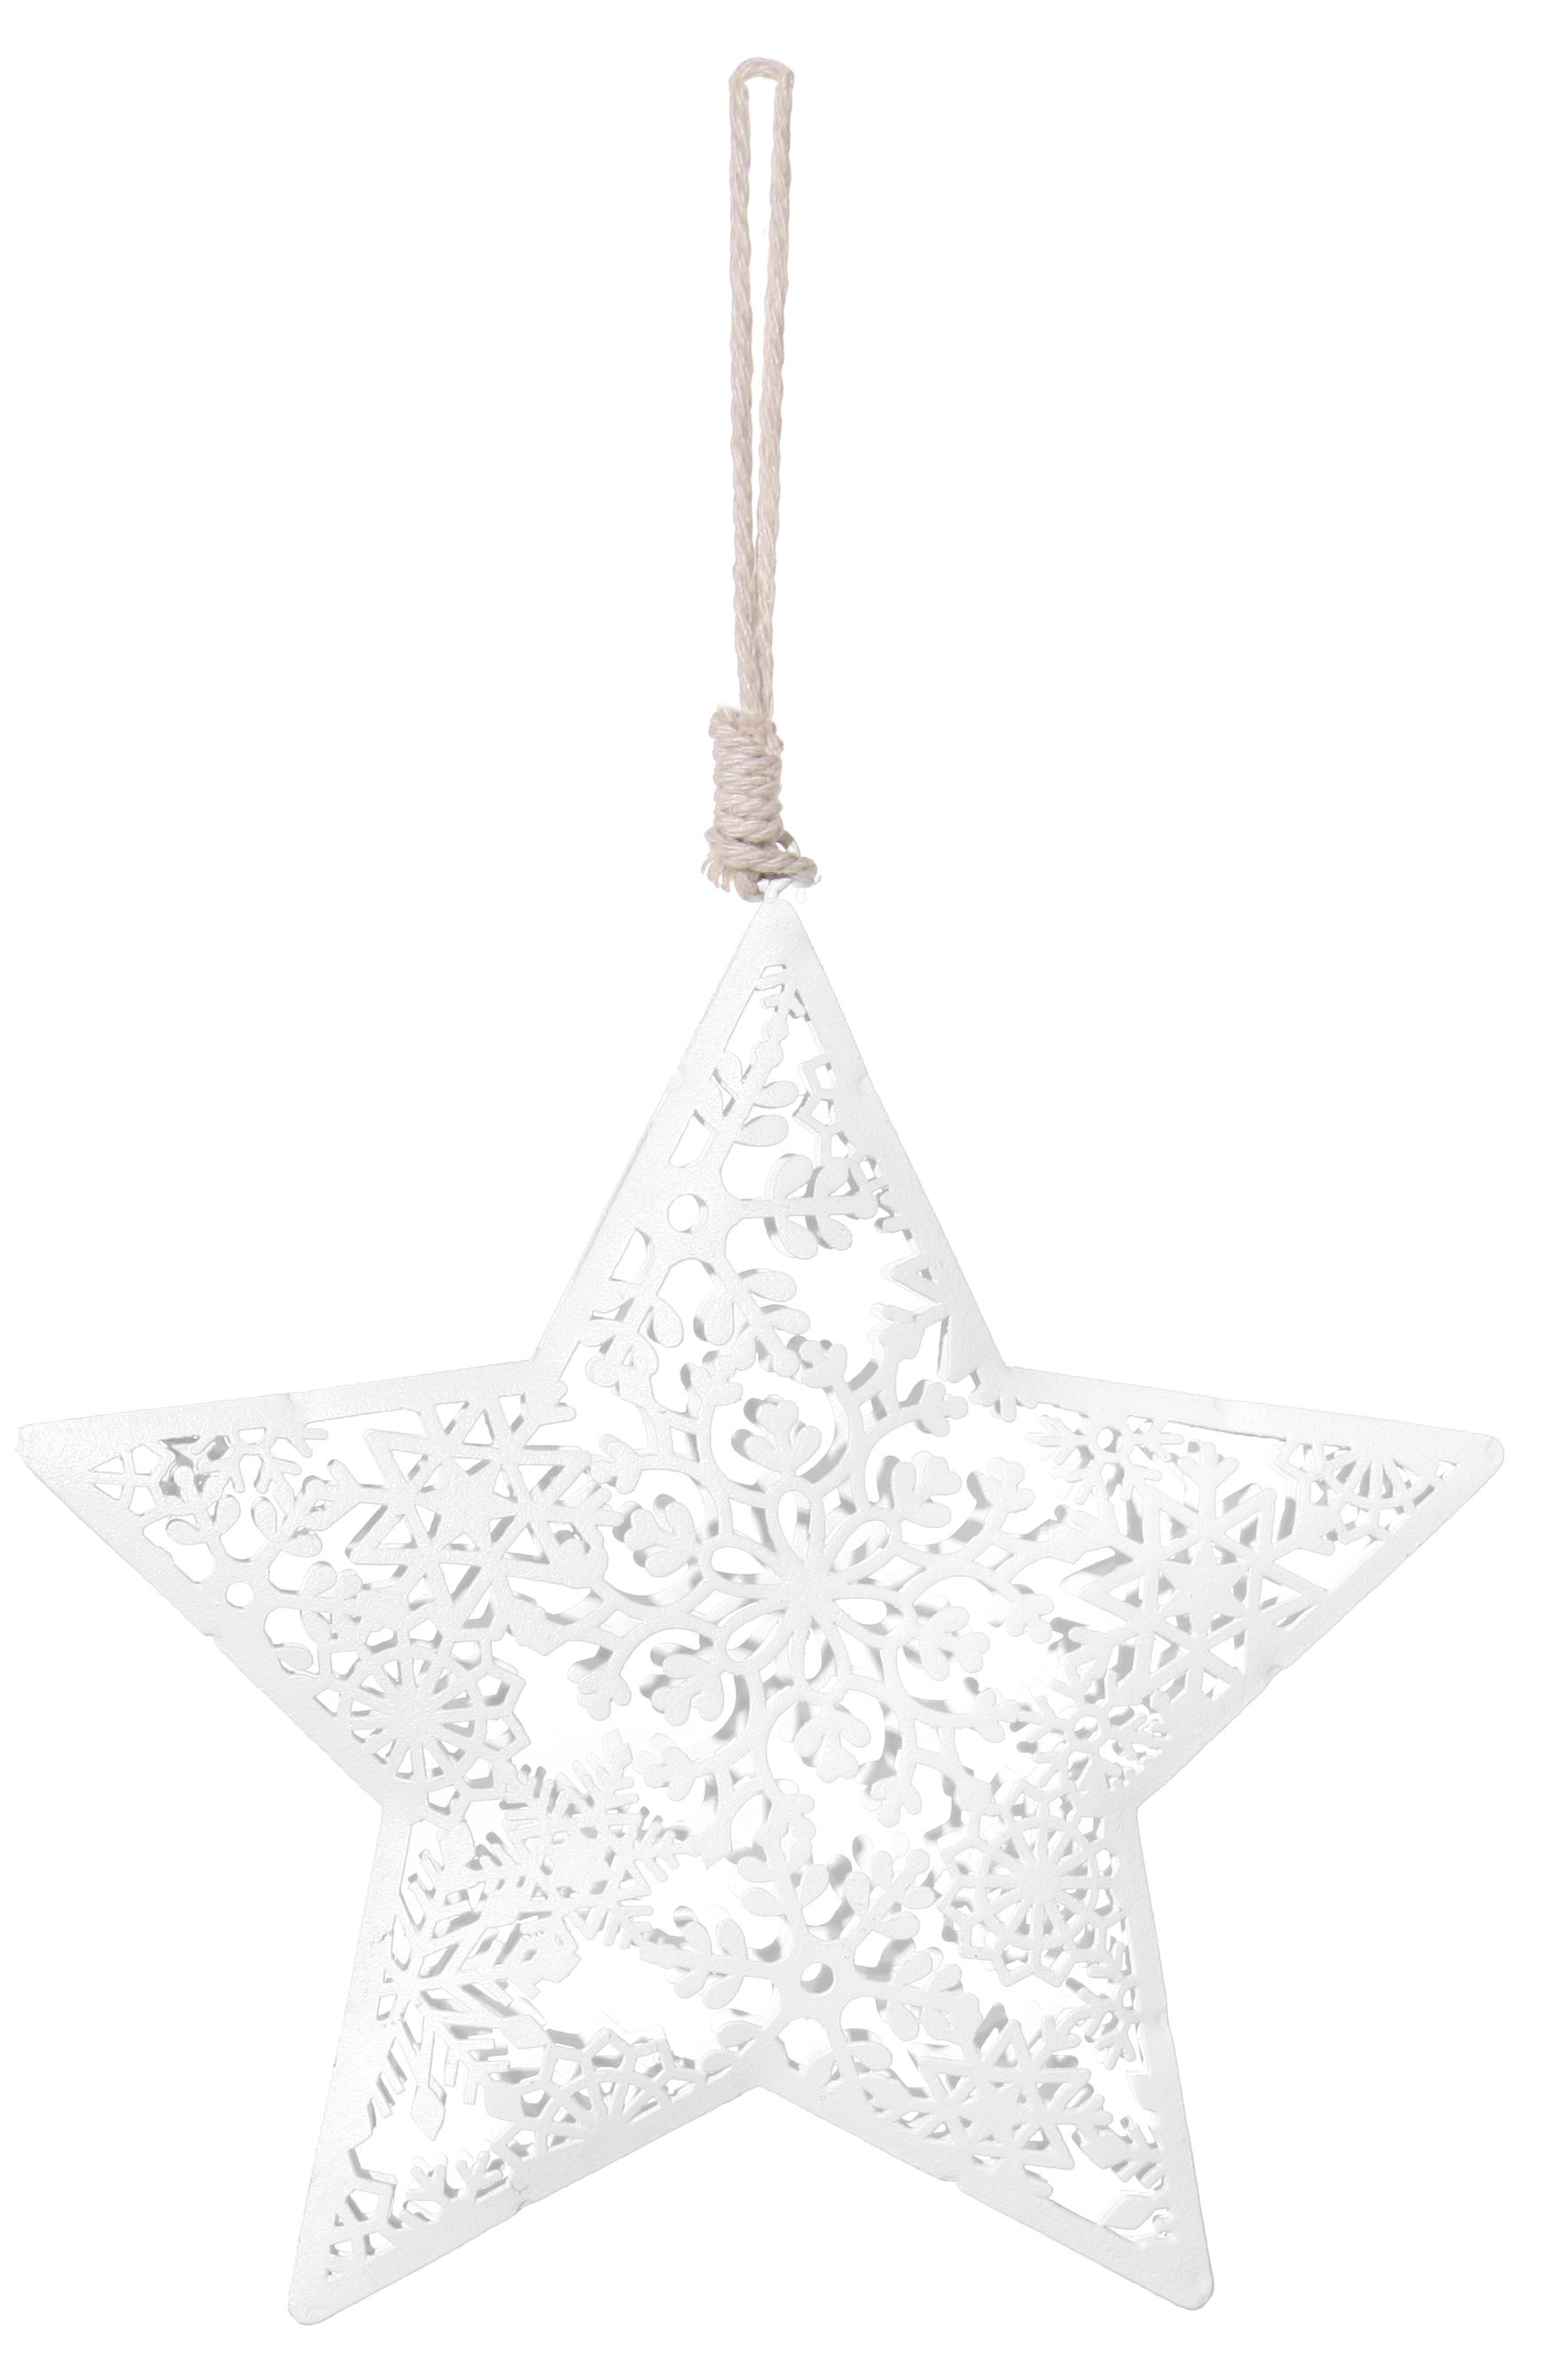 metalowa gwiazda z wycinanką 15 cm biała tegusta ozdoba choinkowa zawieszka